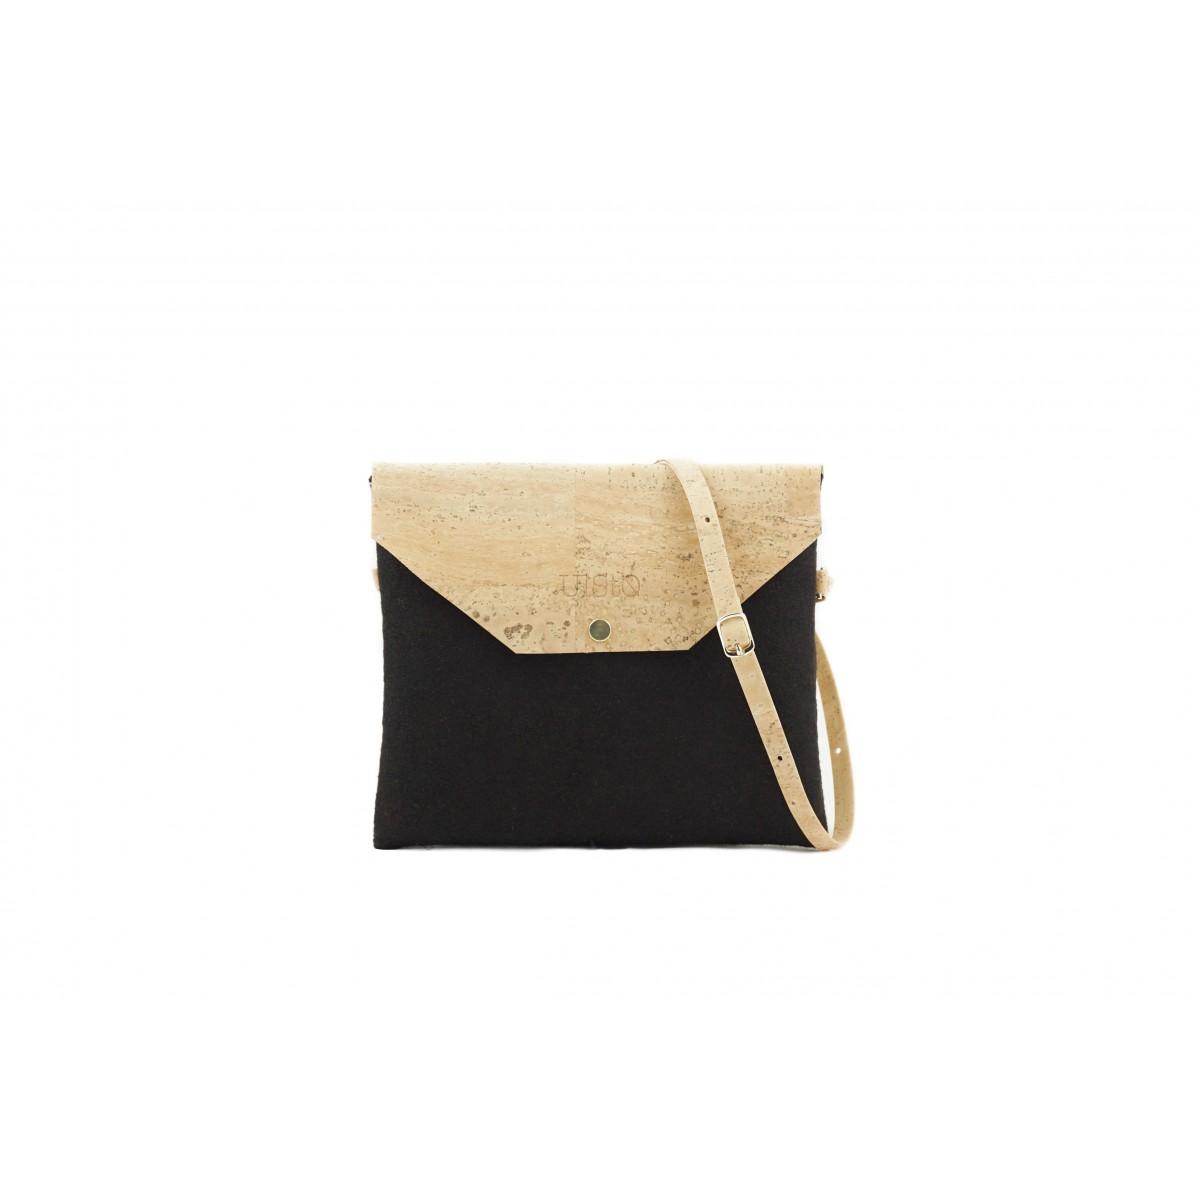 UlStO – MARILA Handtasche Quadratisch Schwarz Natur Kork vegan